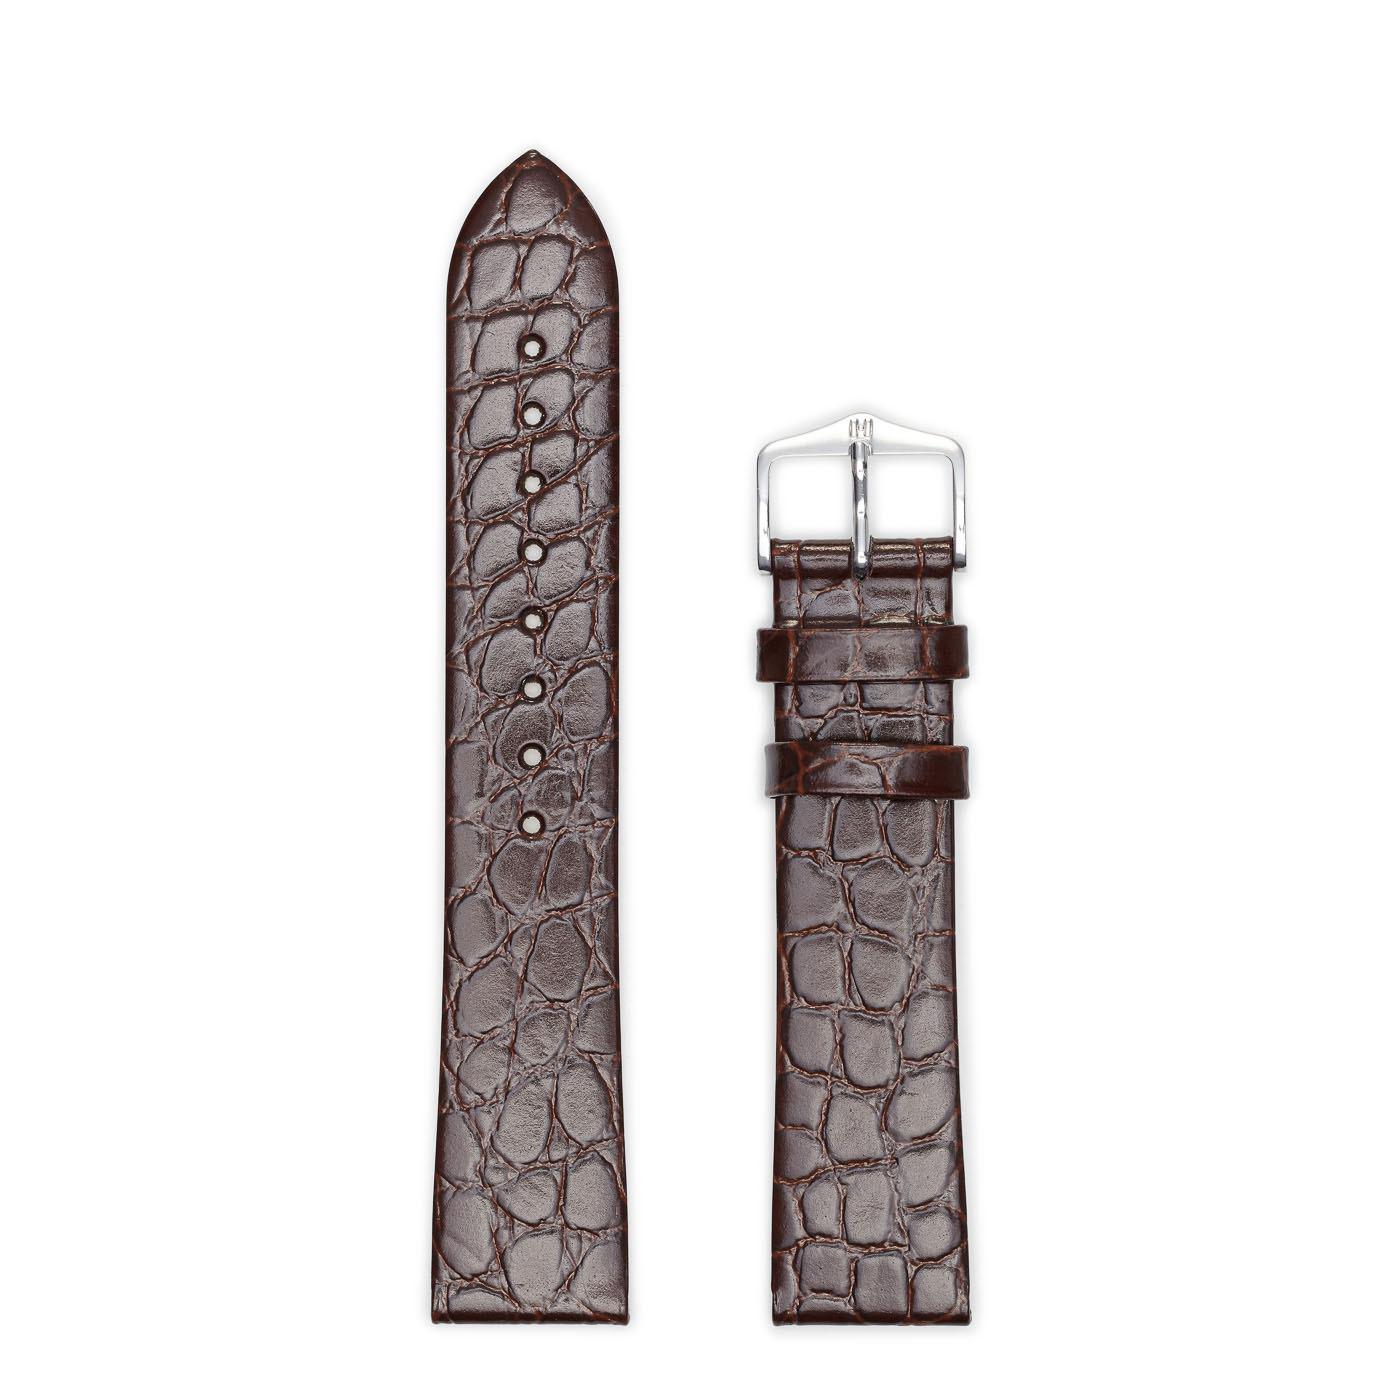 Hirsch Sobek watch strap 03928010-2